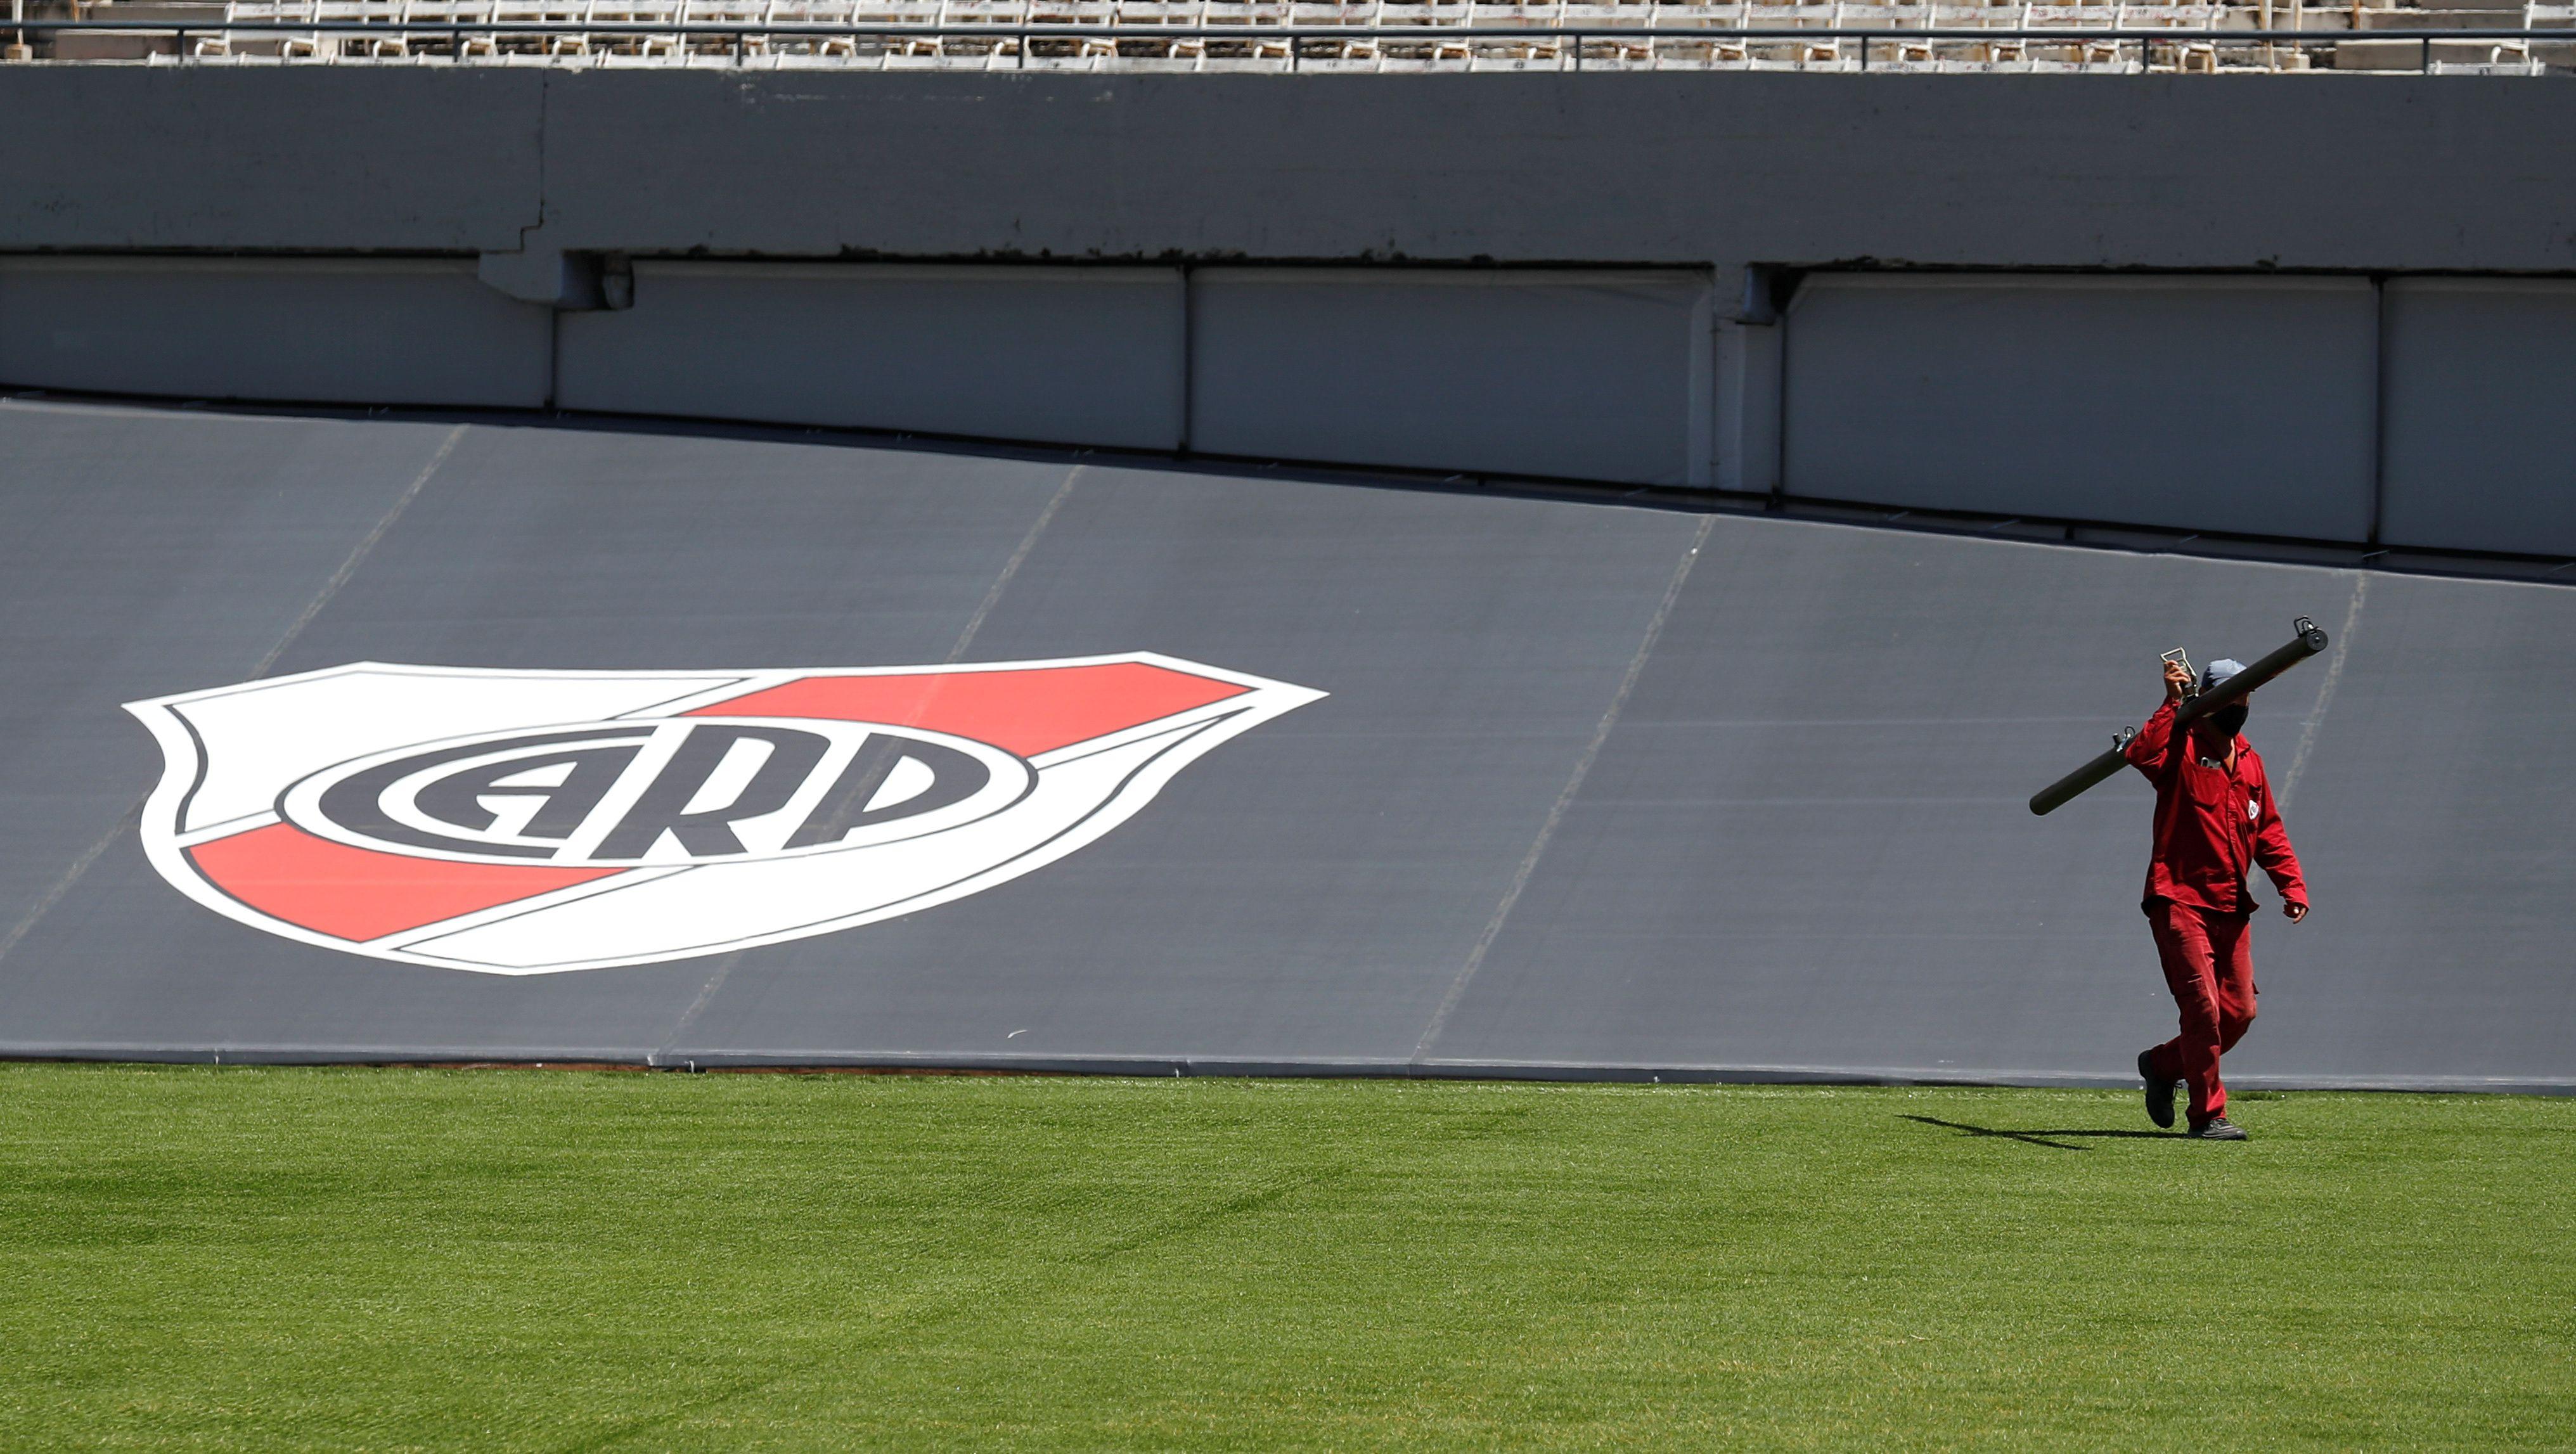 La quita de la pista de atletismo le permitirá a River en el futuro agrandar su capacidad a 80 mil personas (Foto: Reuters)